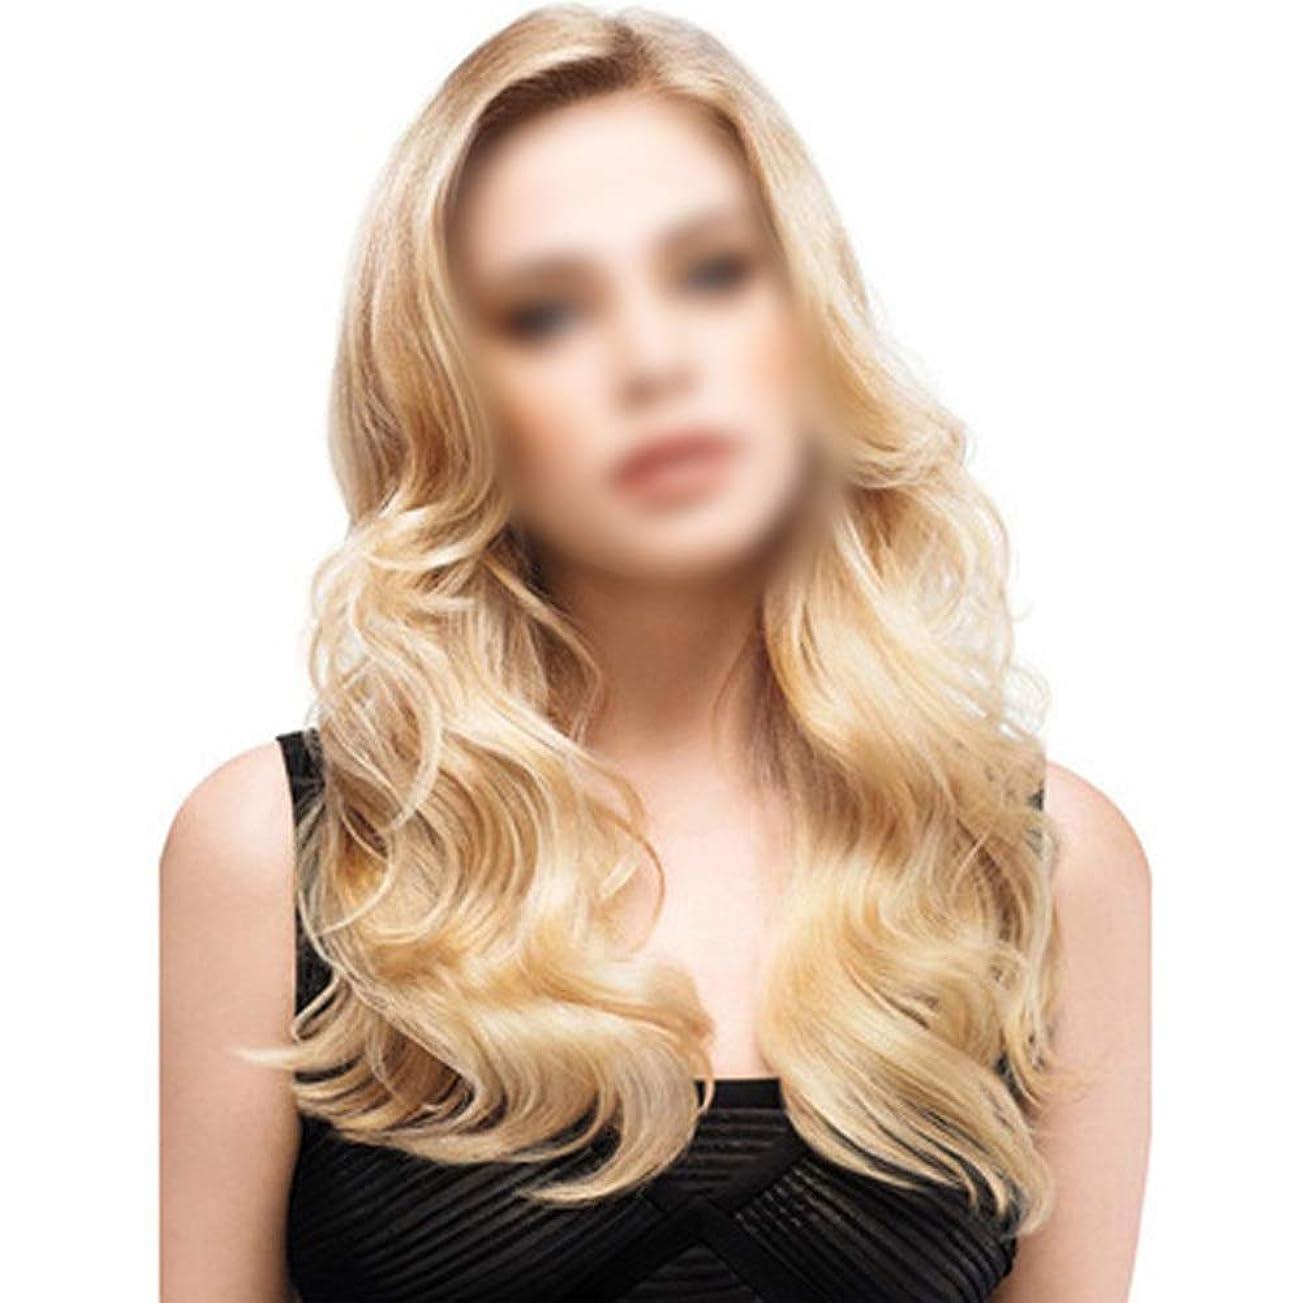 家禽バイナリ追放HOHYLLYA 女性の日常の服のための長い巻き毛の波状のブロンドの髪かつら耐熱ファイバー+かつらキャップパーティーウィッグ (色 : Blonde, サイズ : 65cm)